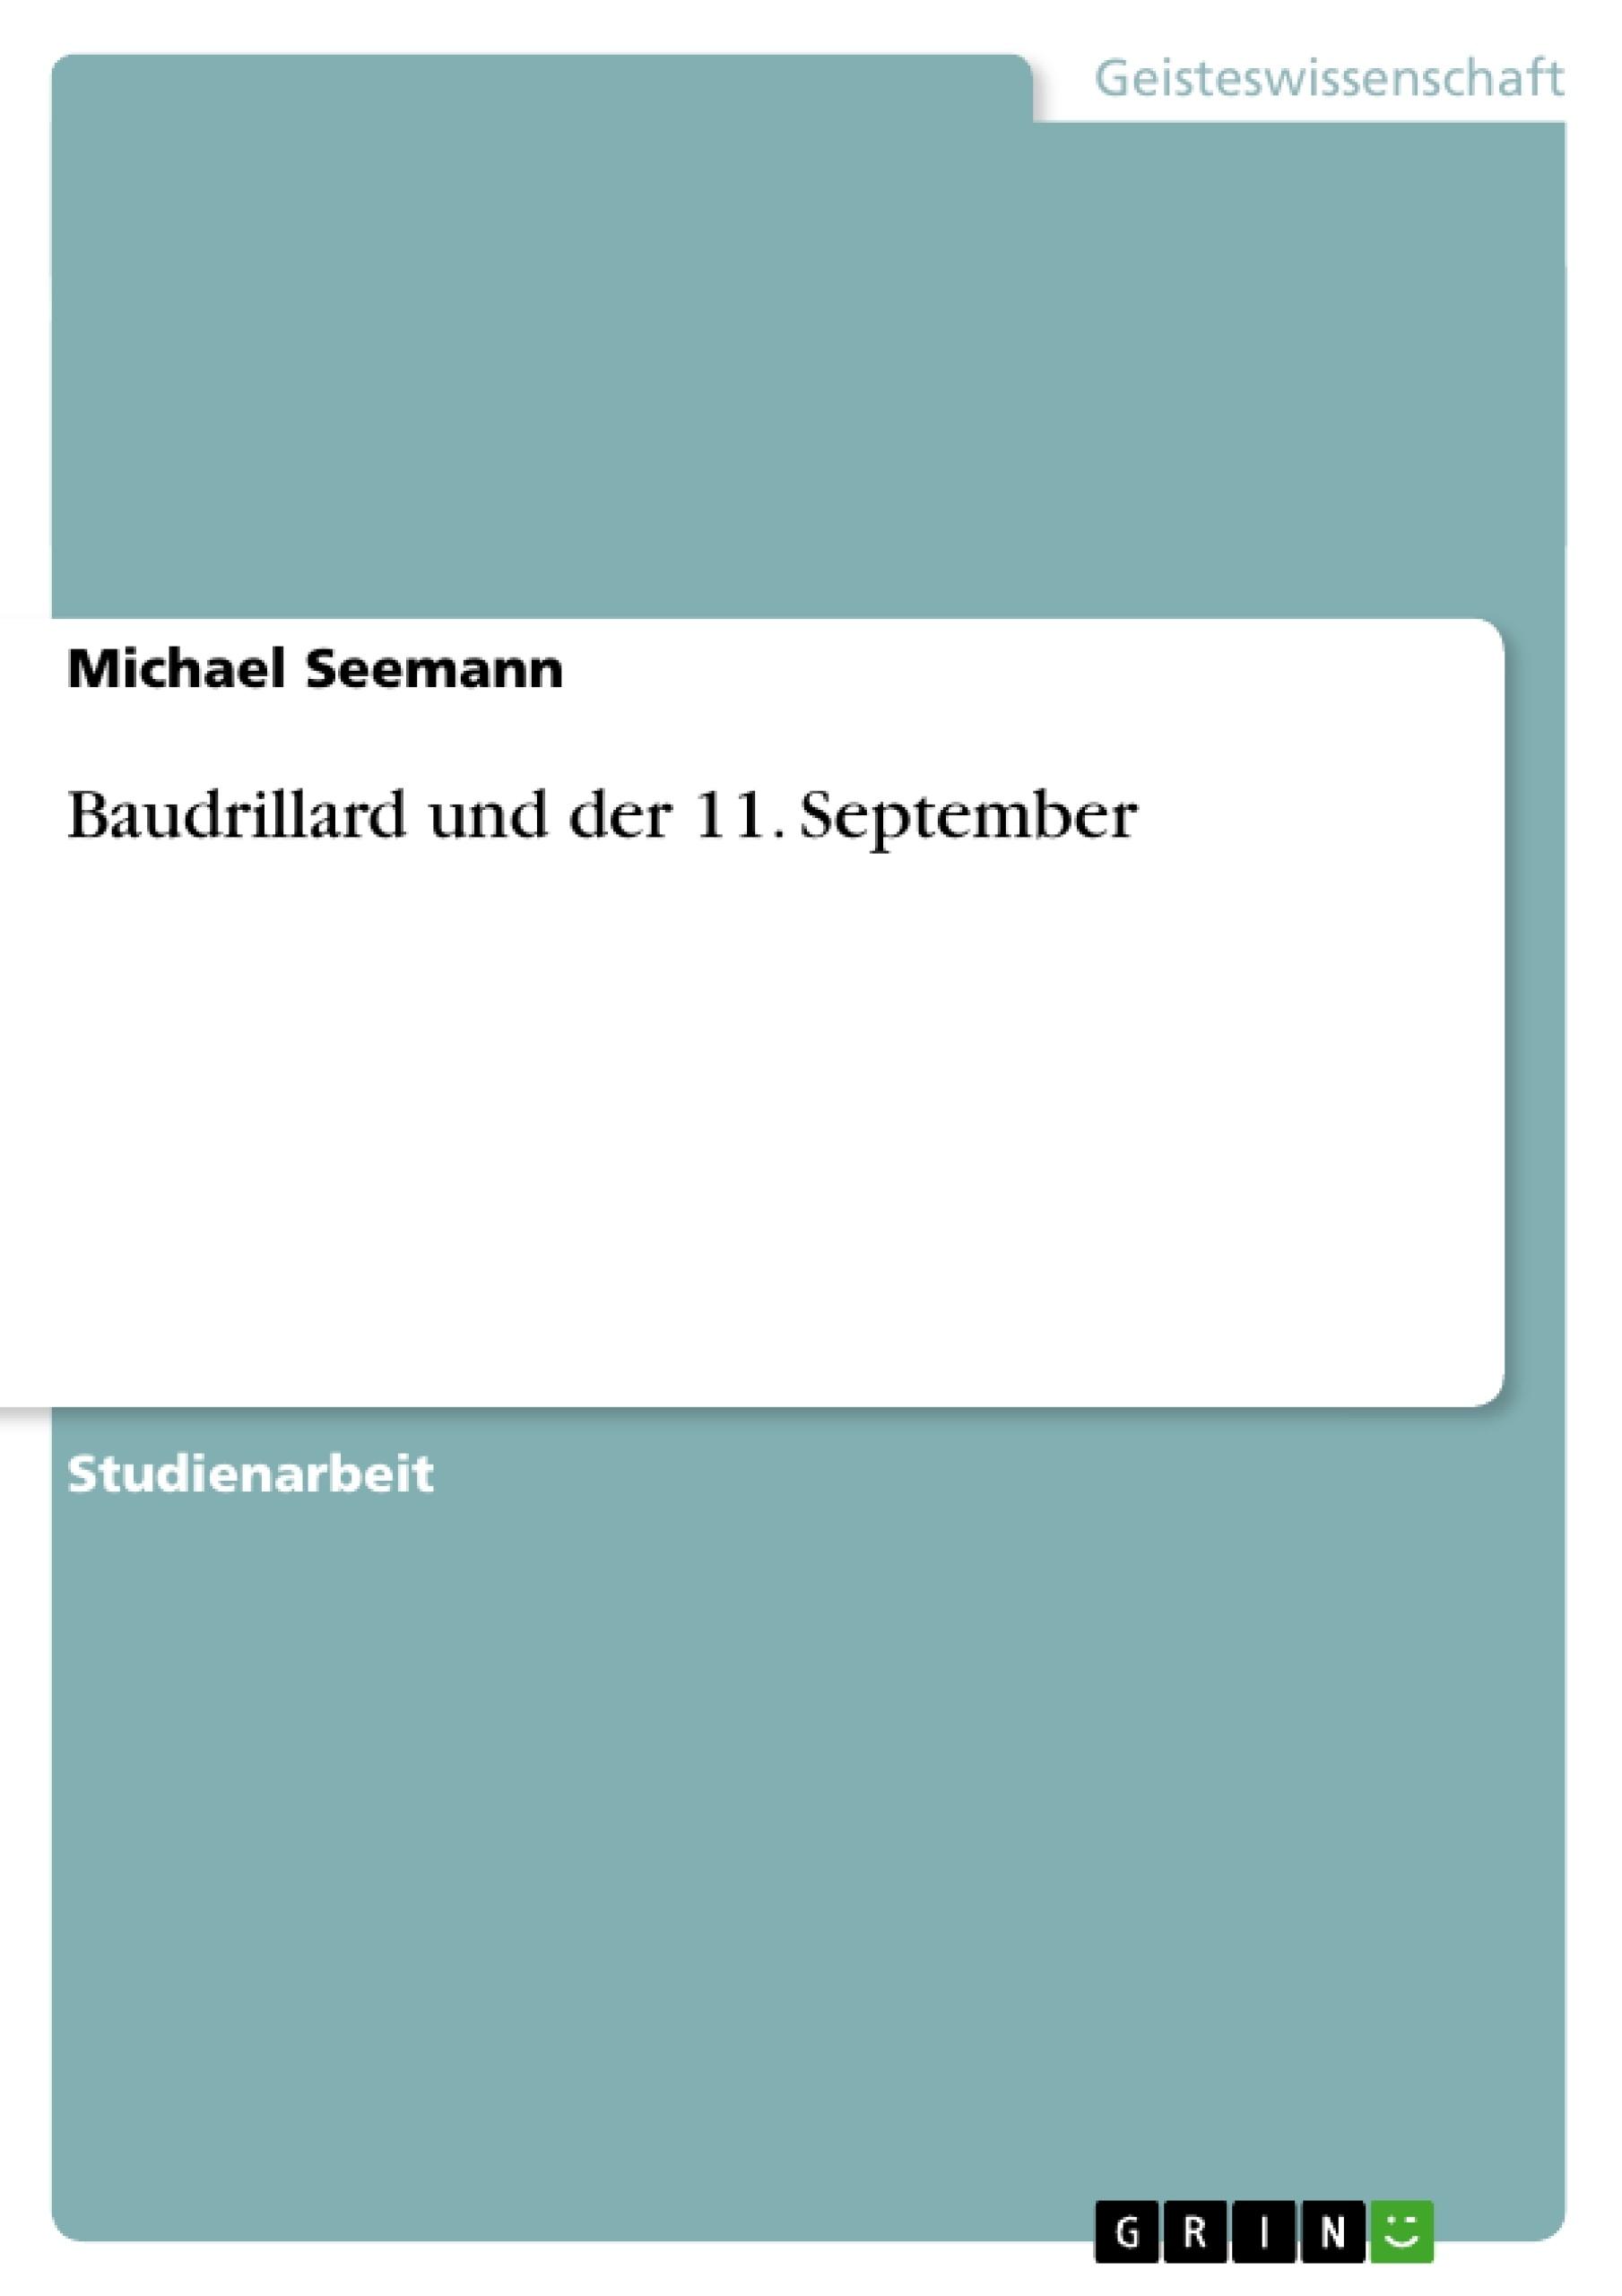 Titel: Baudrillard und der 11. September